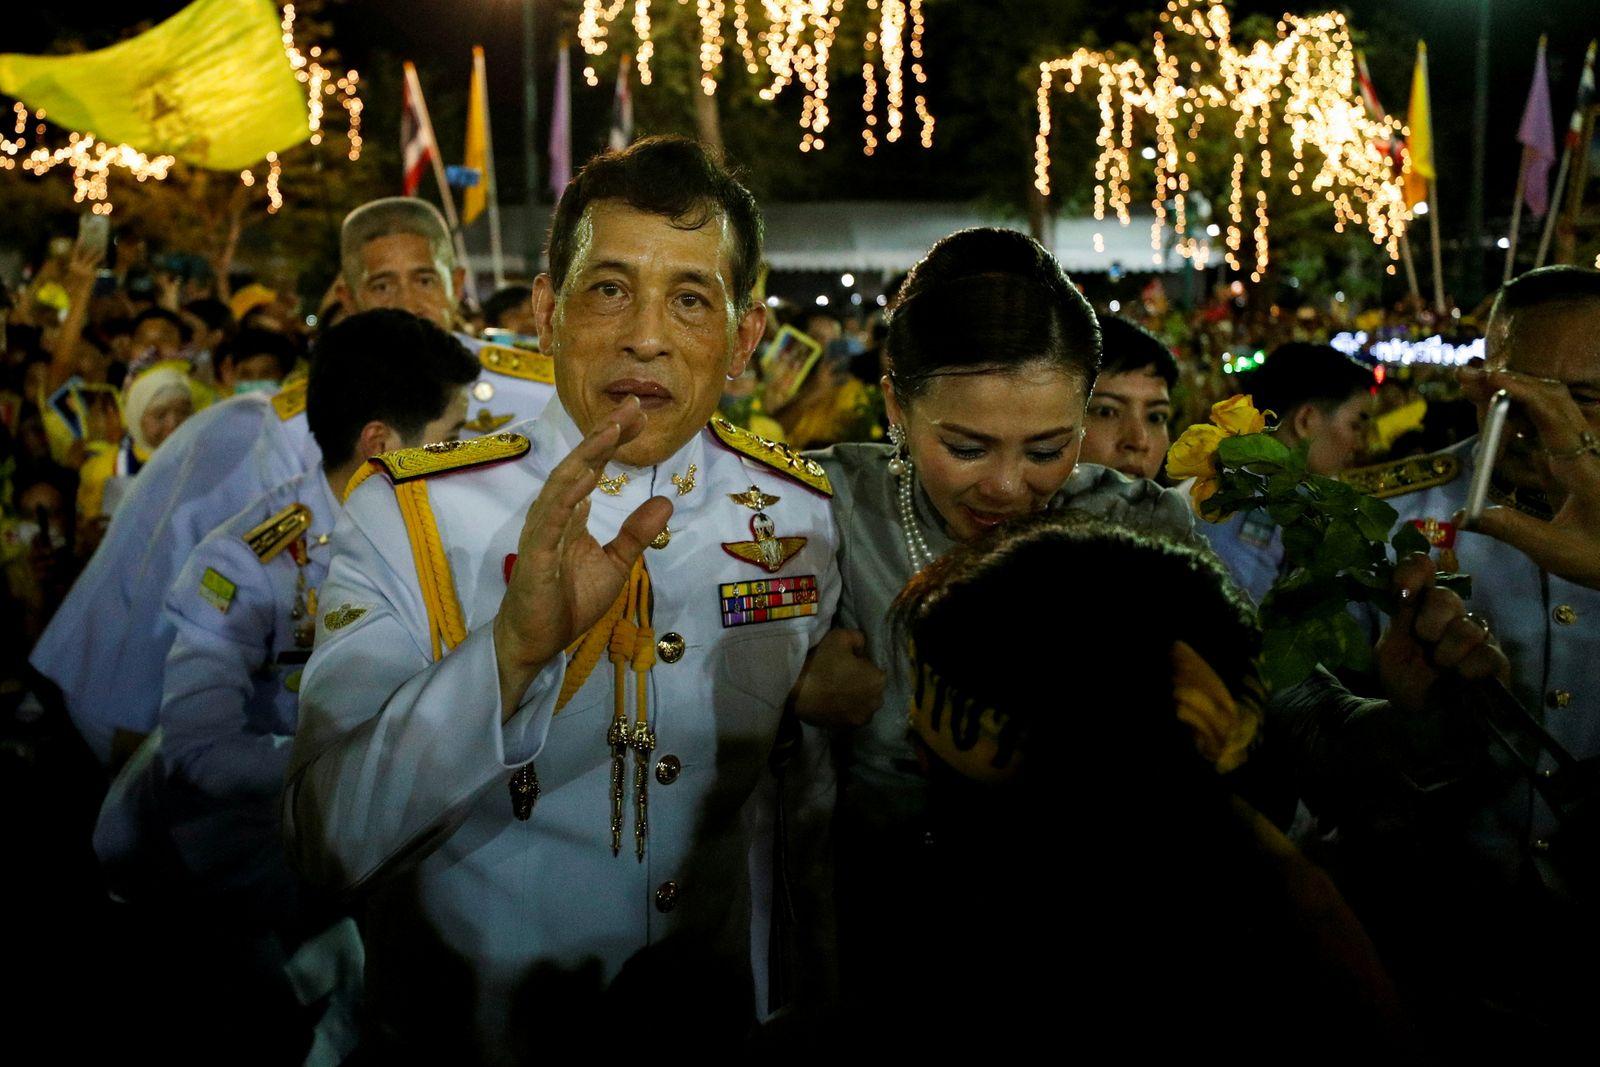 Thailand's King Maha Vajiralongkorn and Queen Suthida greet royalists, at The Grand Palace in Bangkok